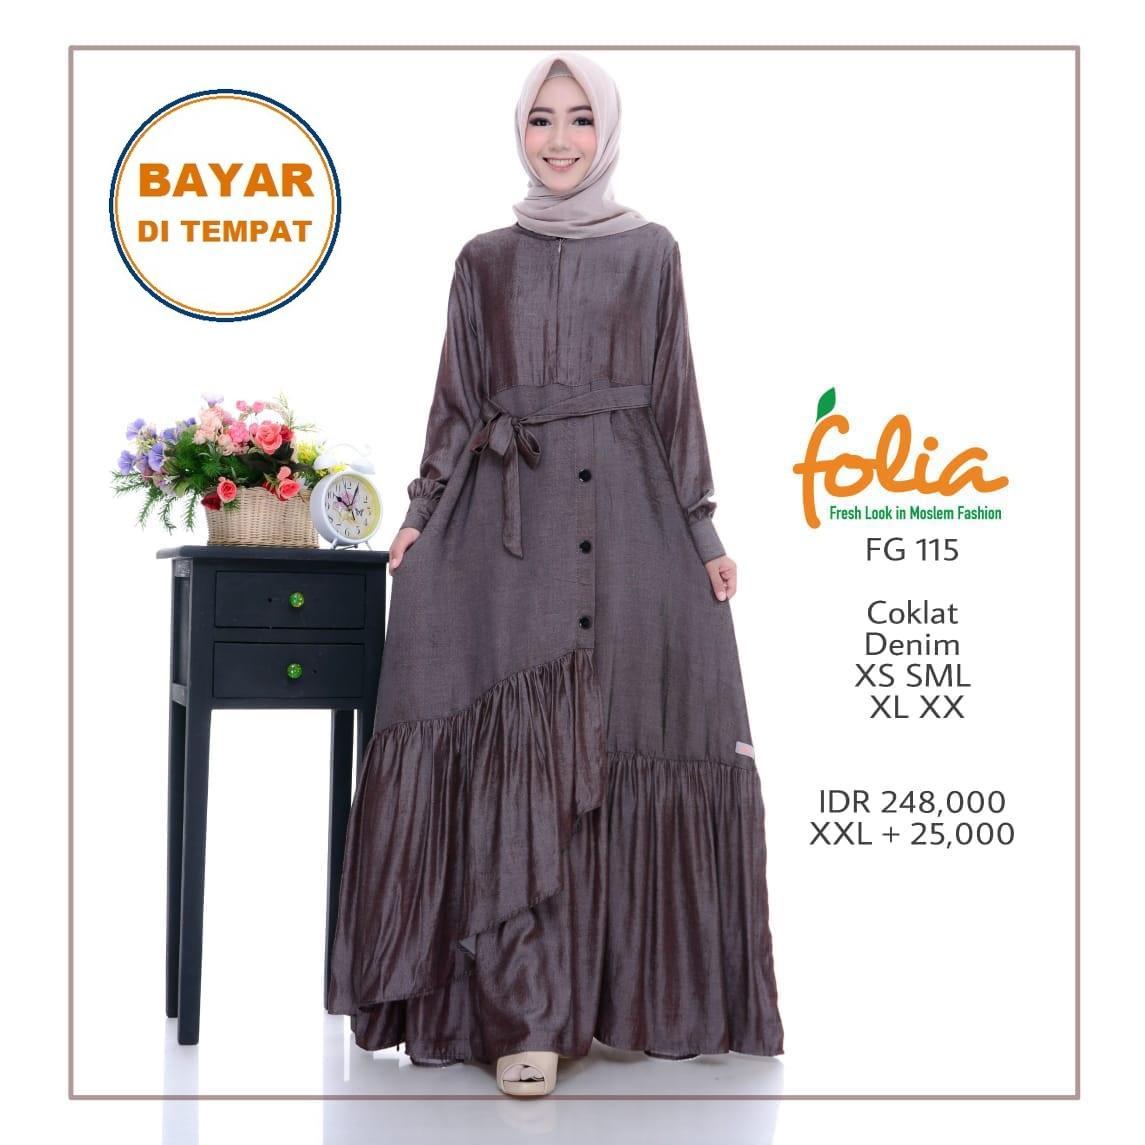 Folia - [COKLAT] Set Gamis muslim Syar'i Busana Muslim Syari Bahan Denim Resleting Busui Friendly Tanpa Hijab (Folia - Coklat FG 115)